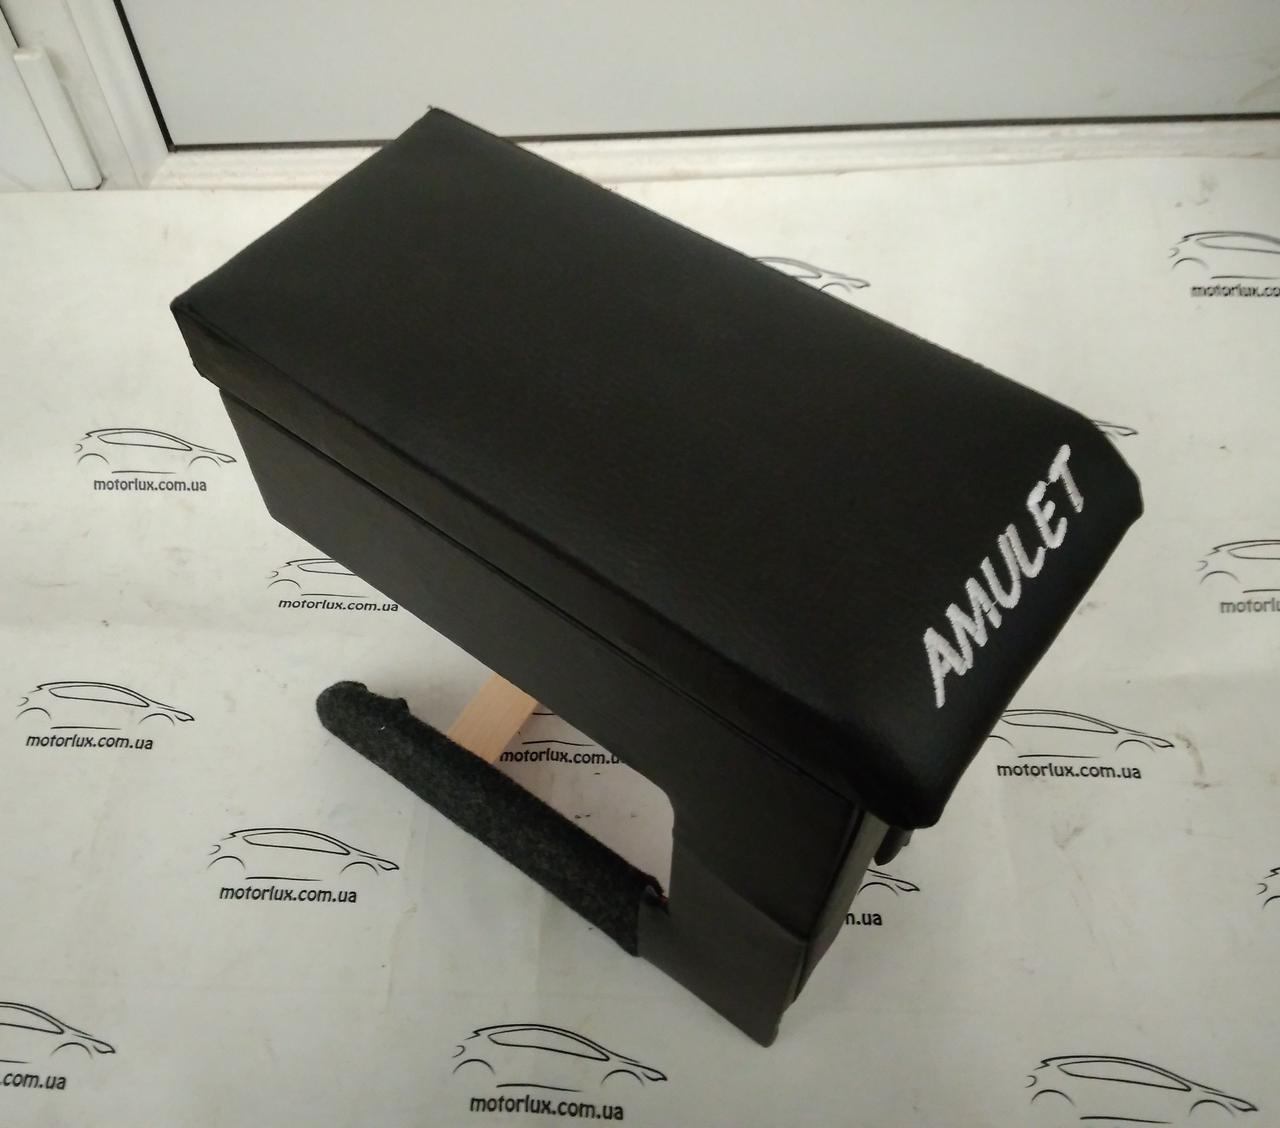 Купить подлокотники на чери амулет в украине амулет глаз фатимы википедия